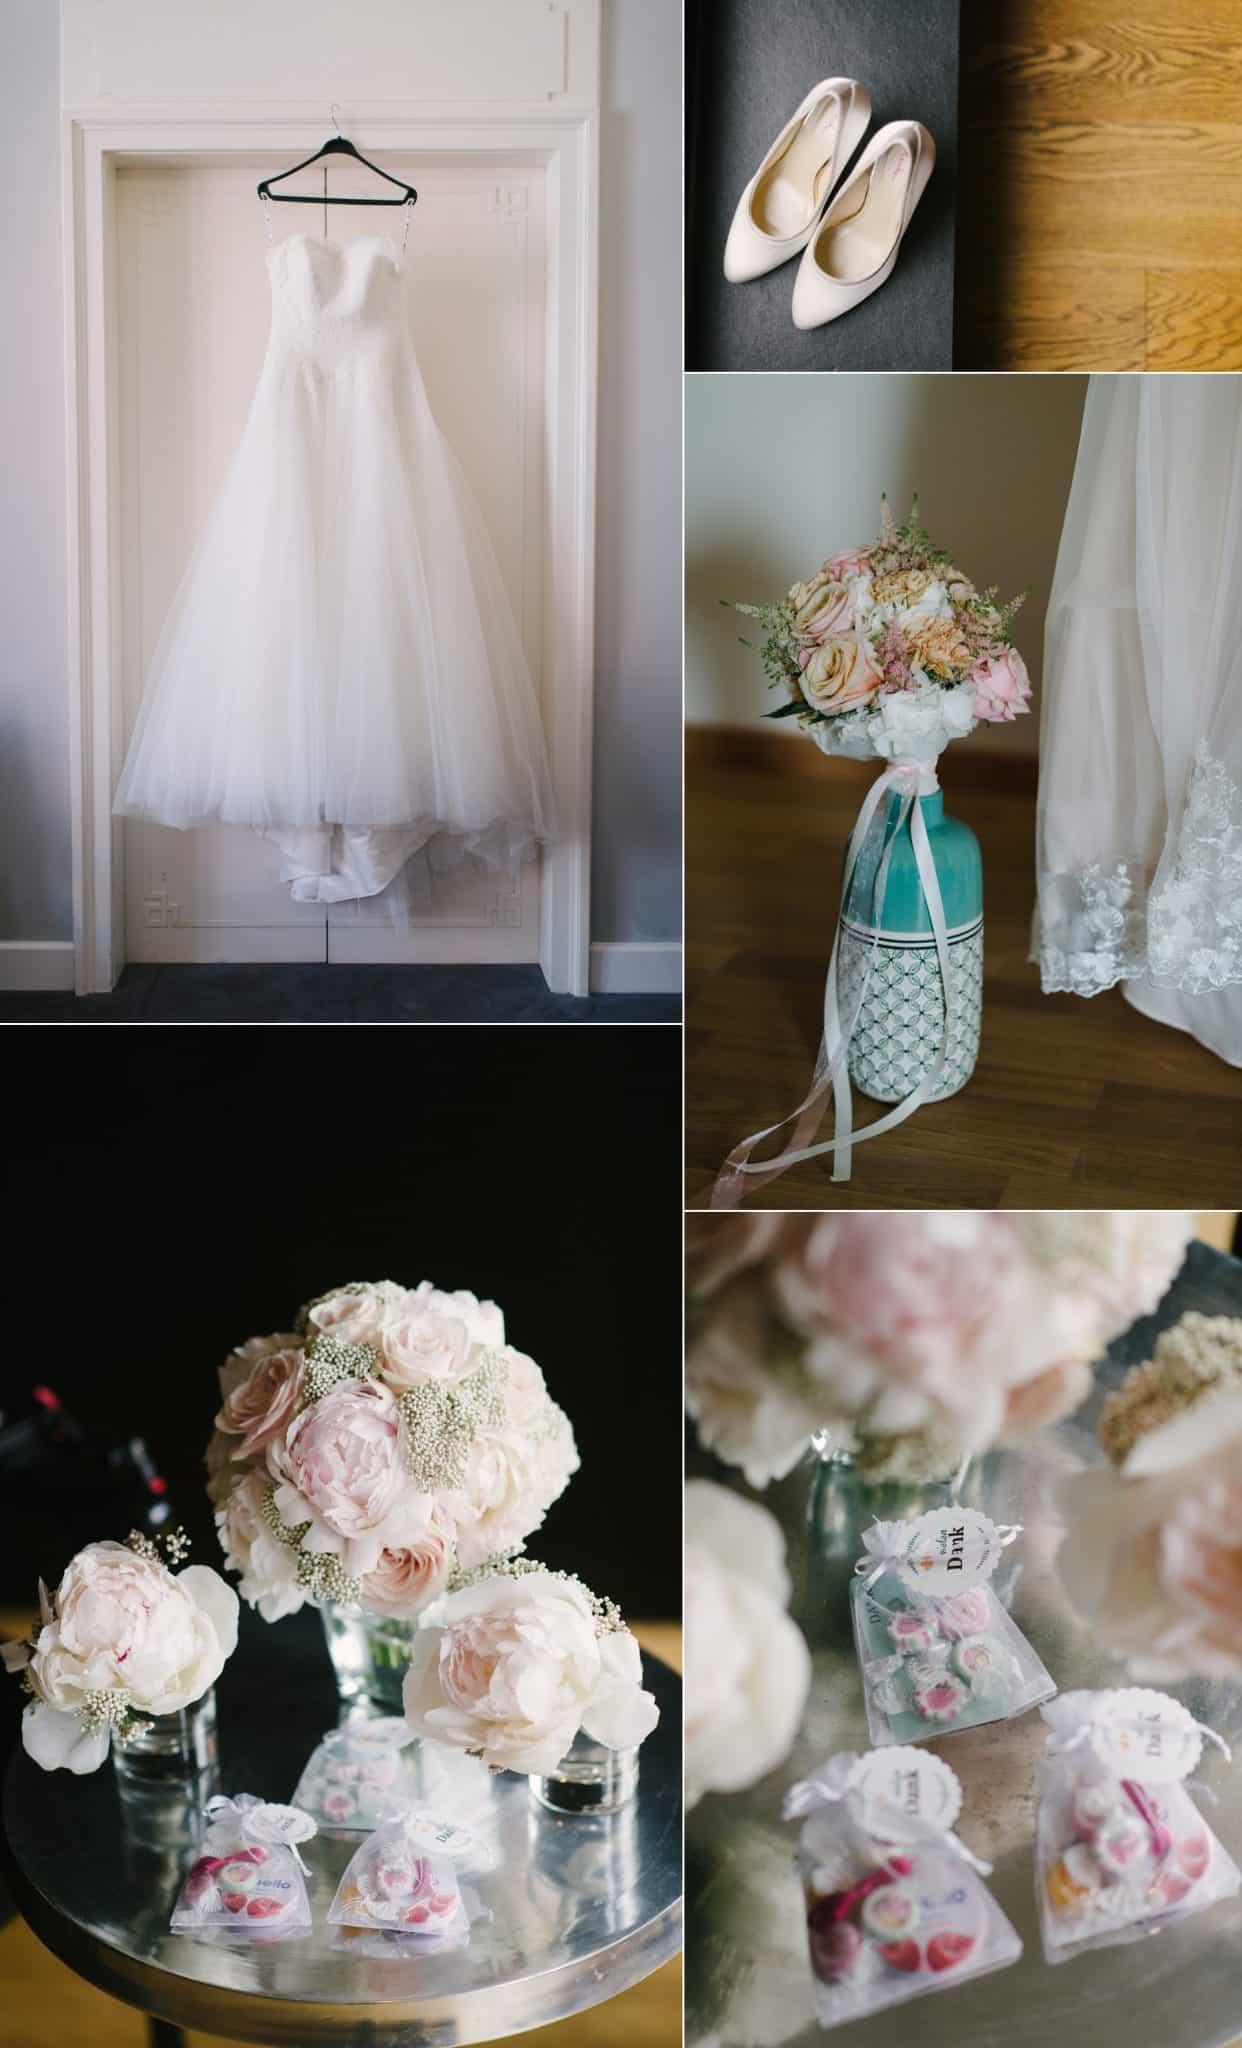 Brautkleid und ein paar Accessoires der Braut.